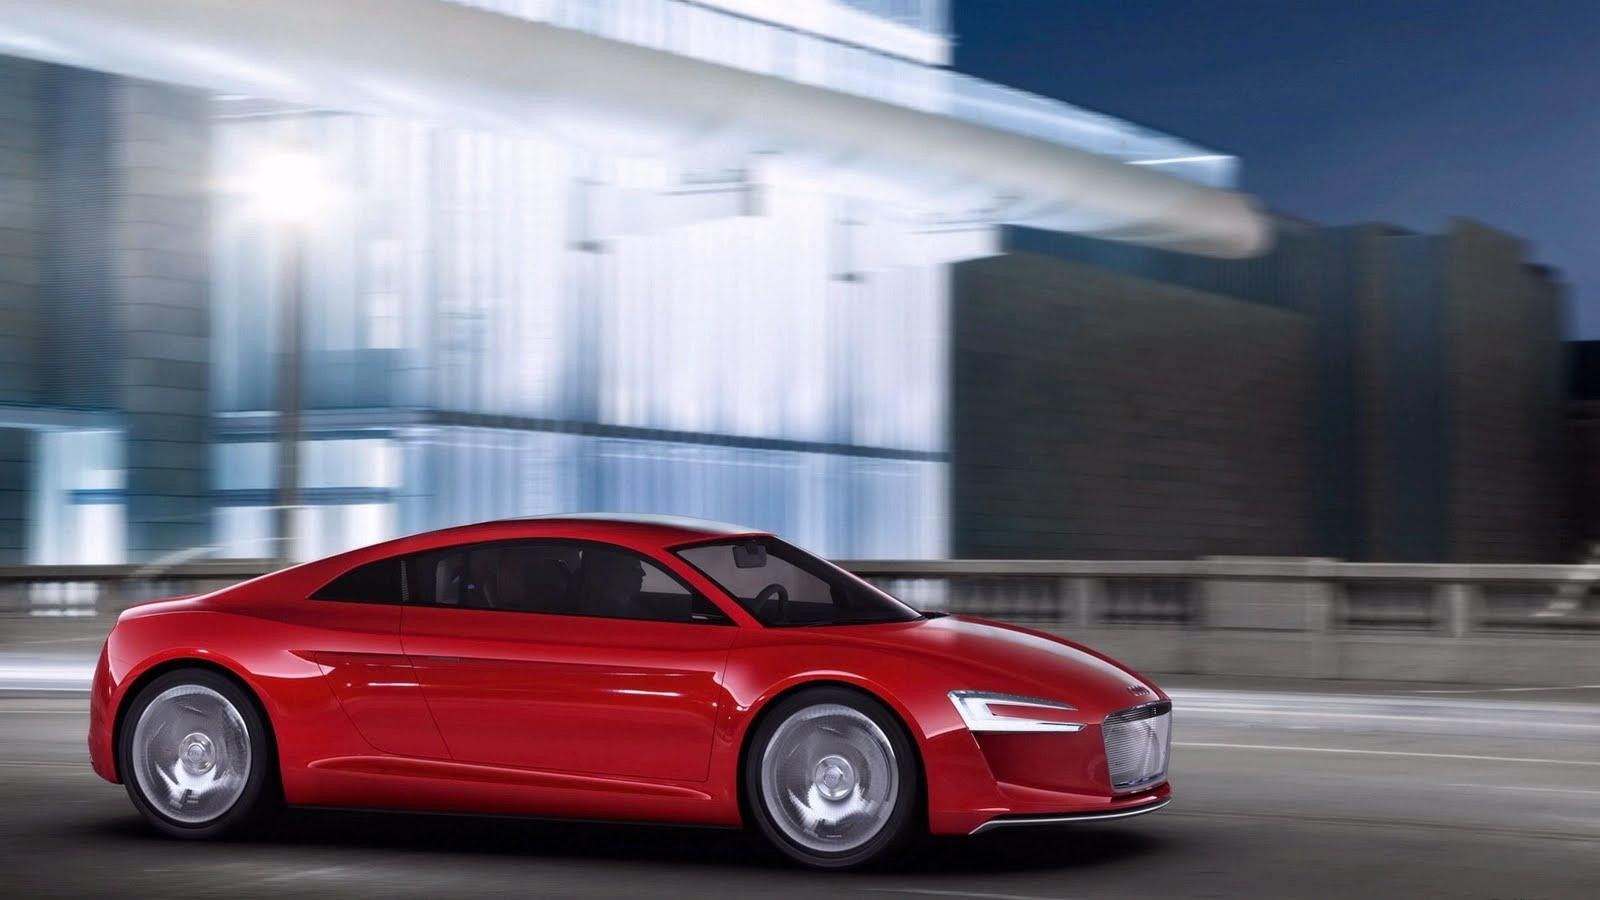 https://1.bp.blogspot.com/-rpWEJPM4Y3Y/TlC2a1MxBzI/AAAAAAAAFJU/T94apWg5rII/s1600/Audi+Car+HD+Wallpaper+1920+X+1080+107.jpg